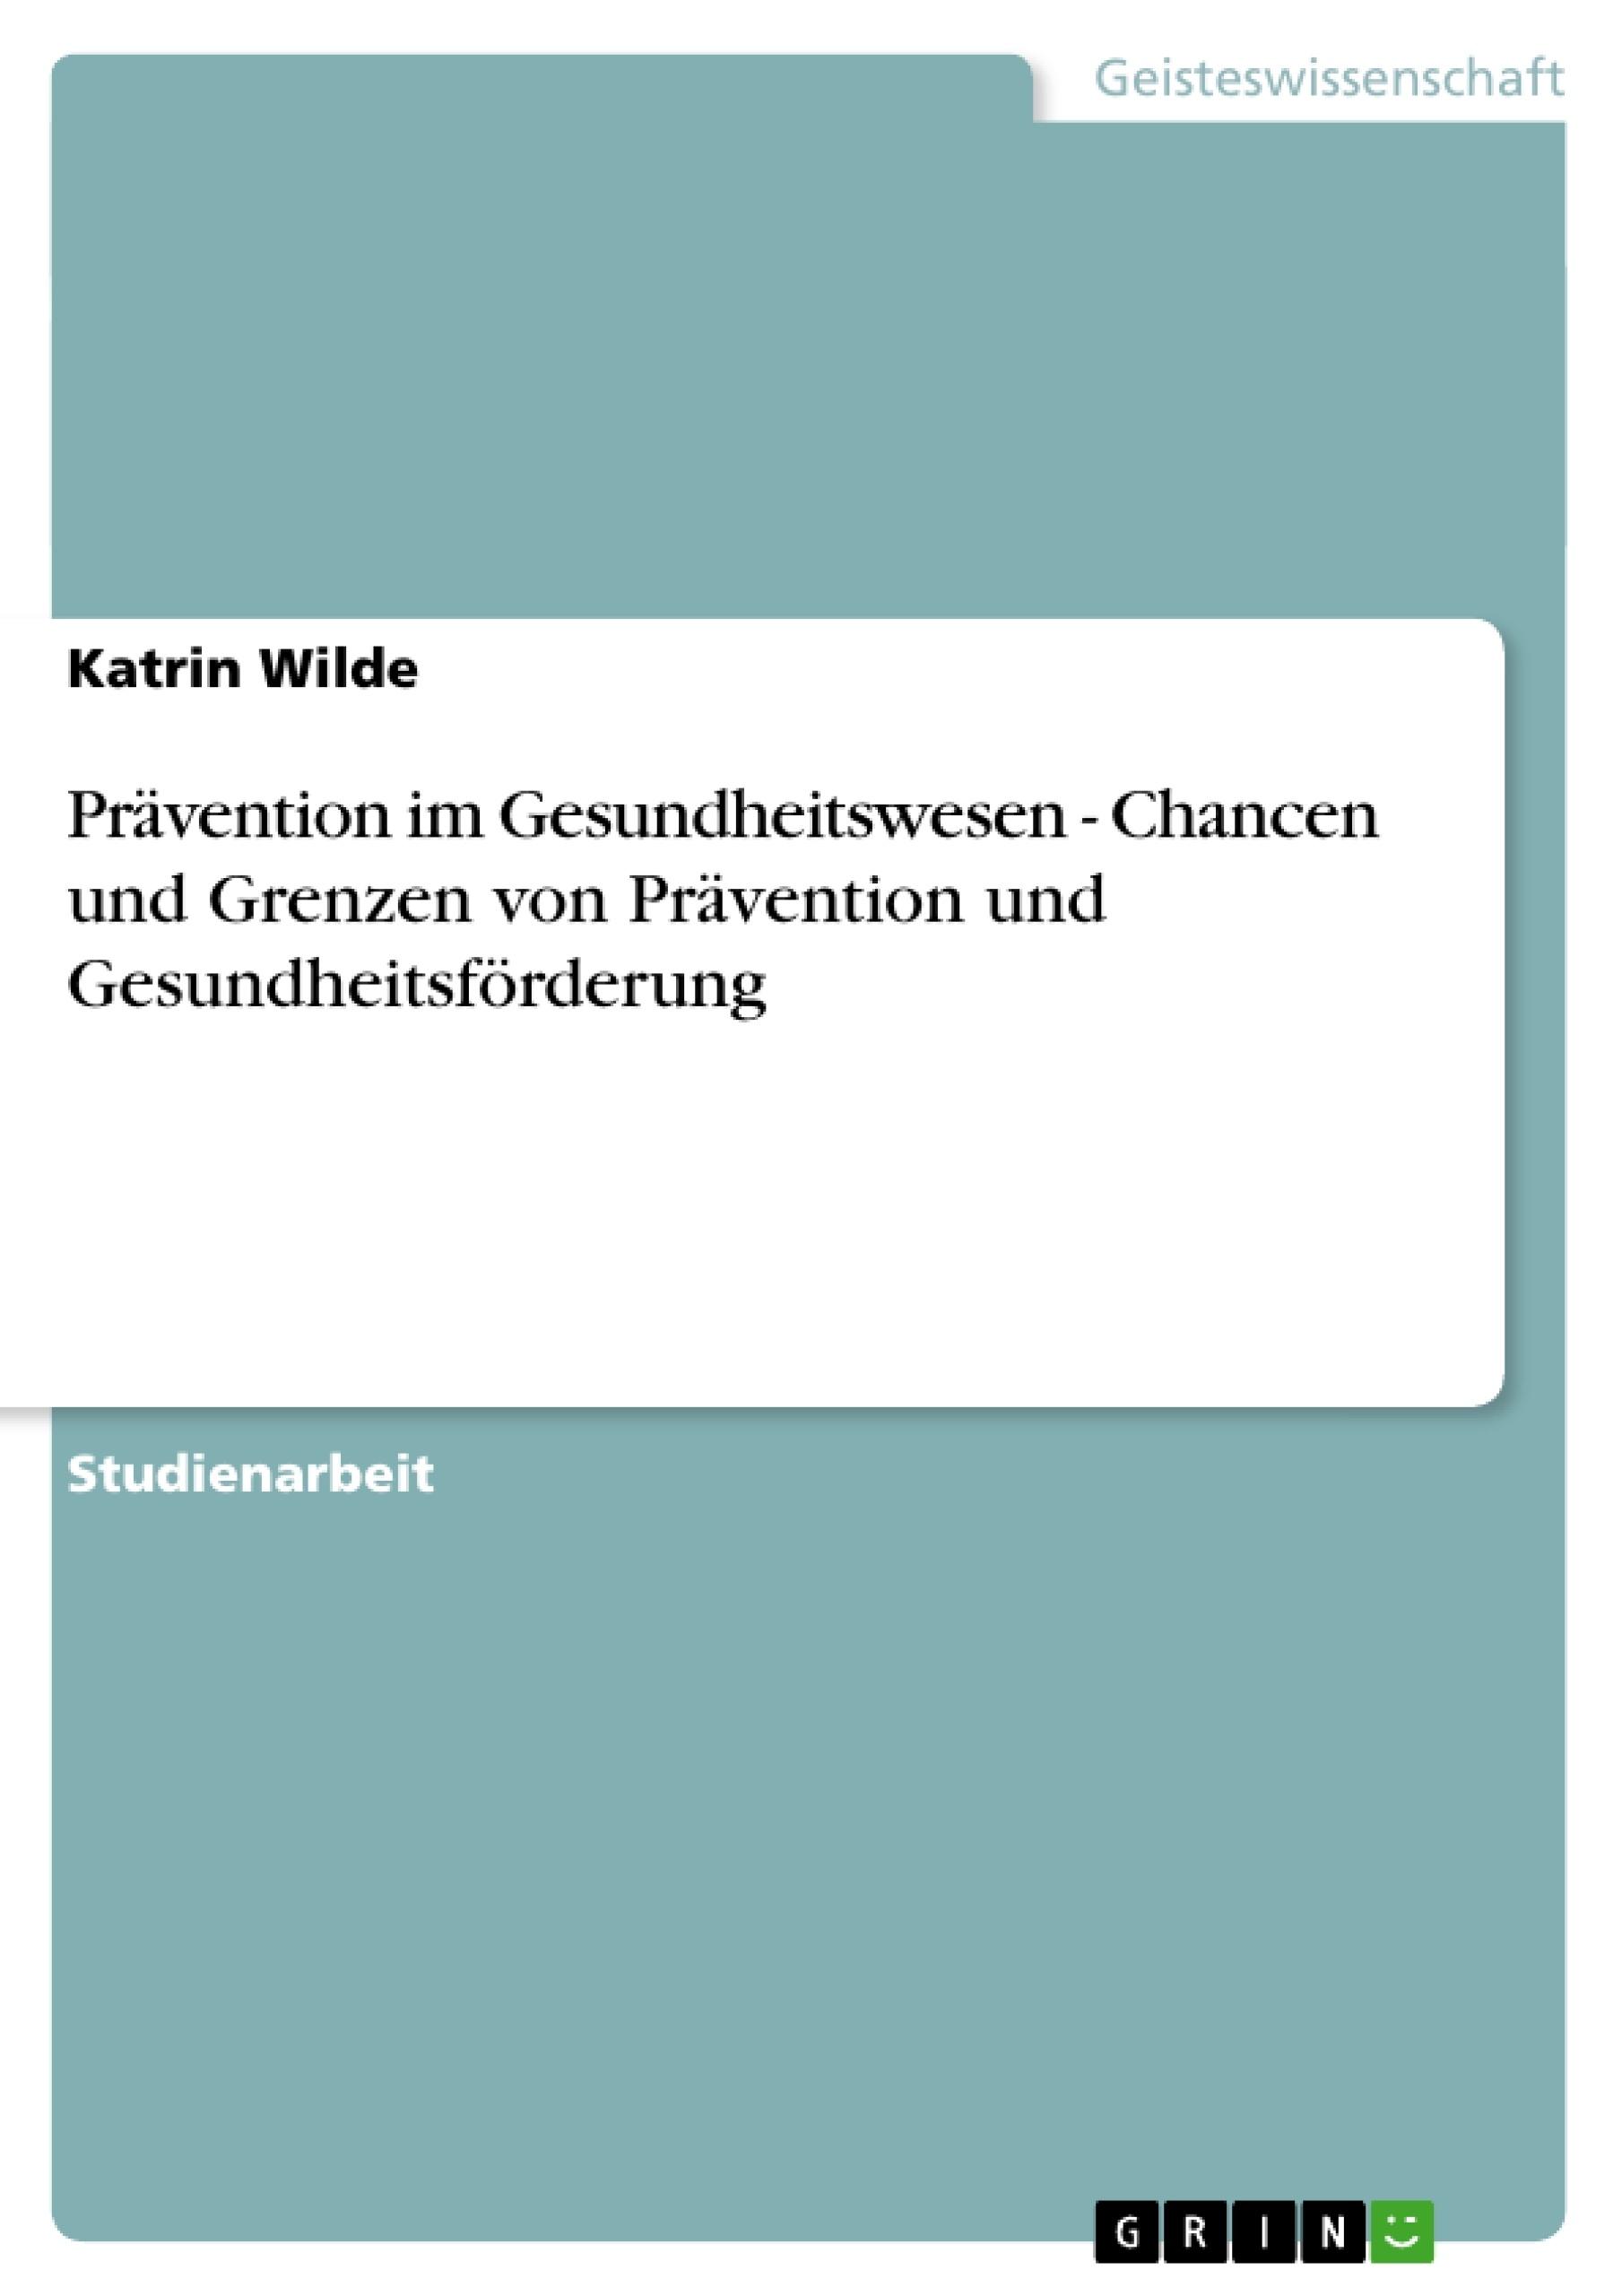 Titel: Prävention im Gesundheitswesen - Chancen und Grenzen von Prävention und Gesundheitsförderung